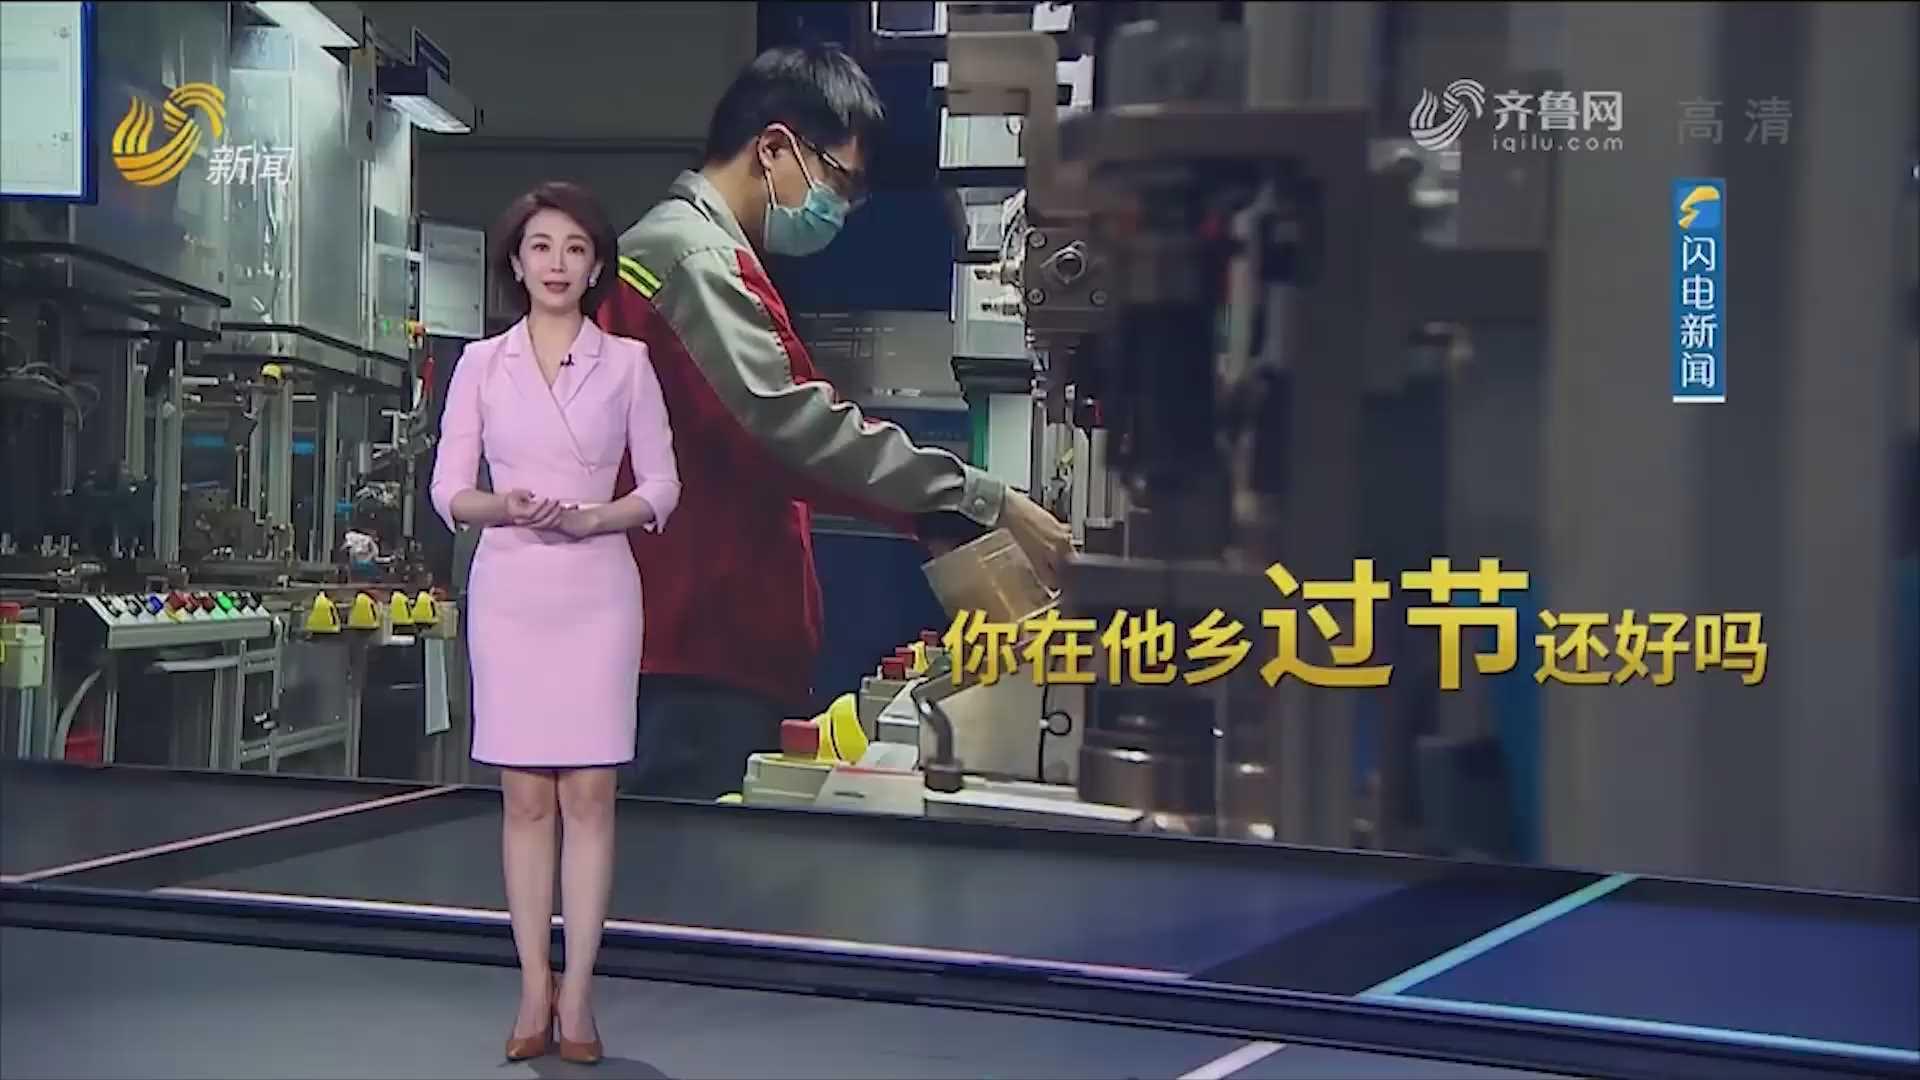 2021年春节:你在他乡还好吗?